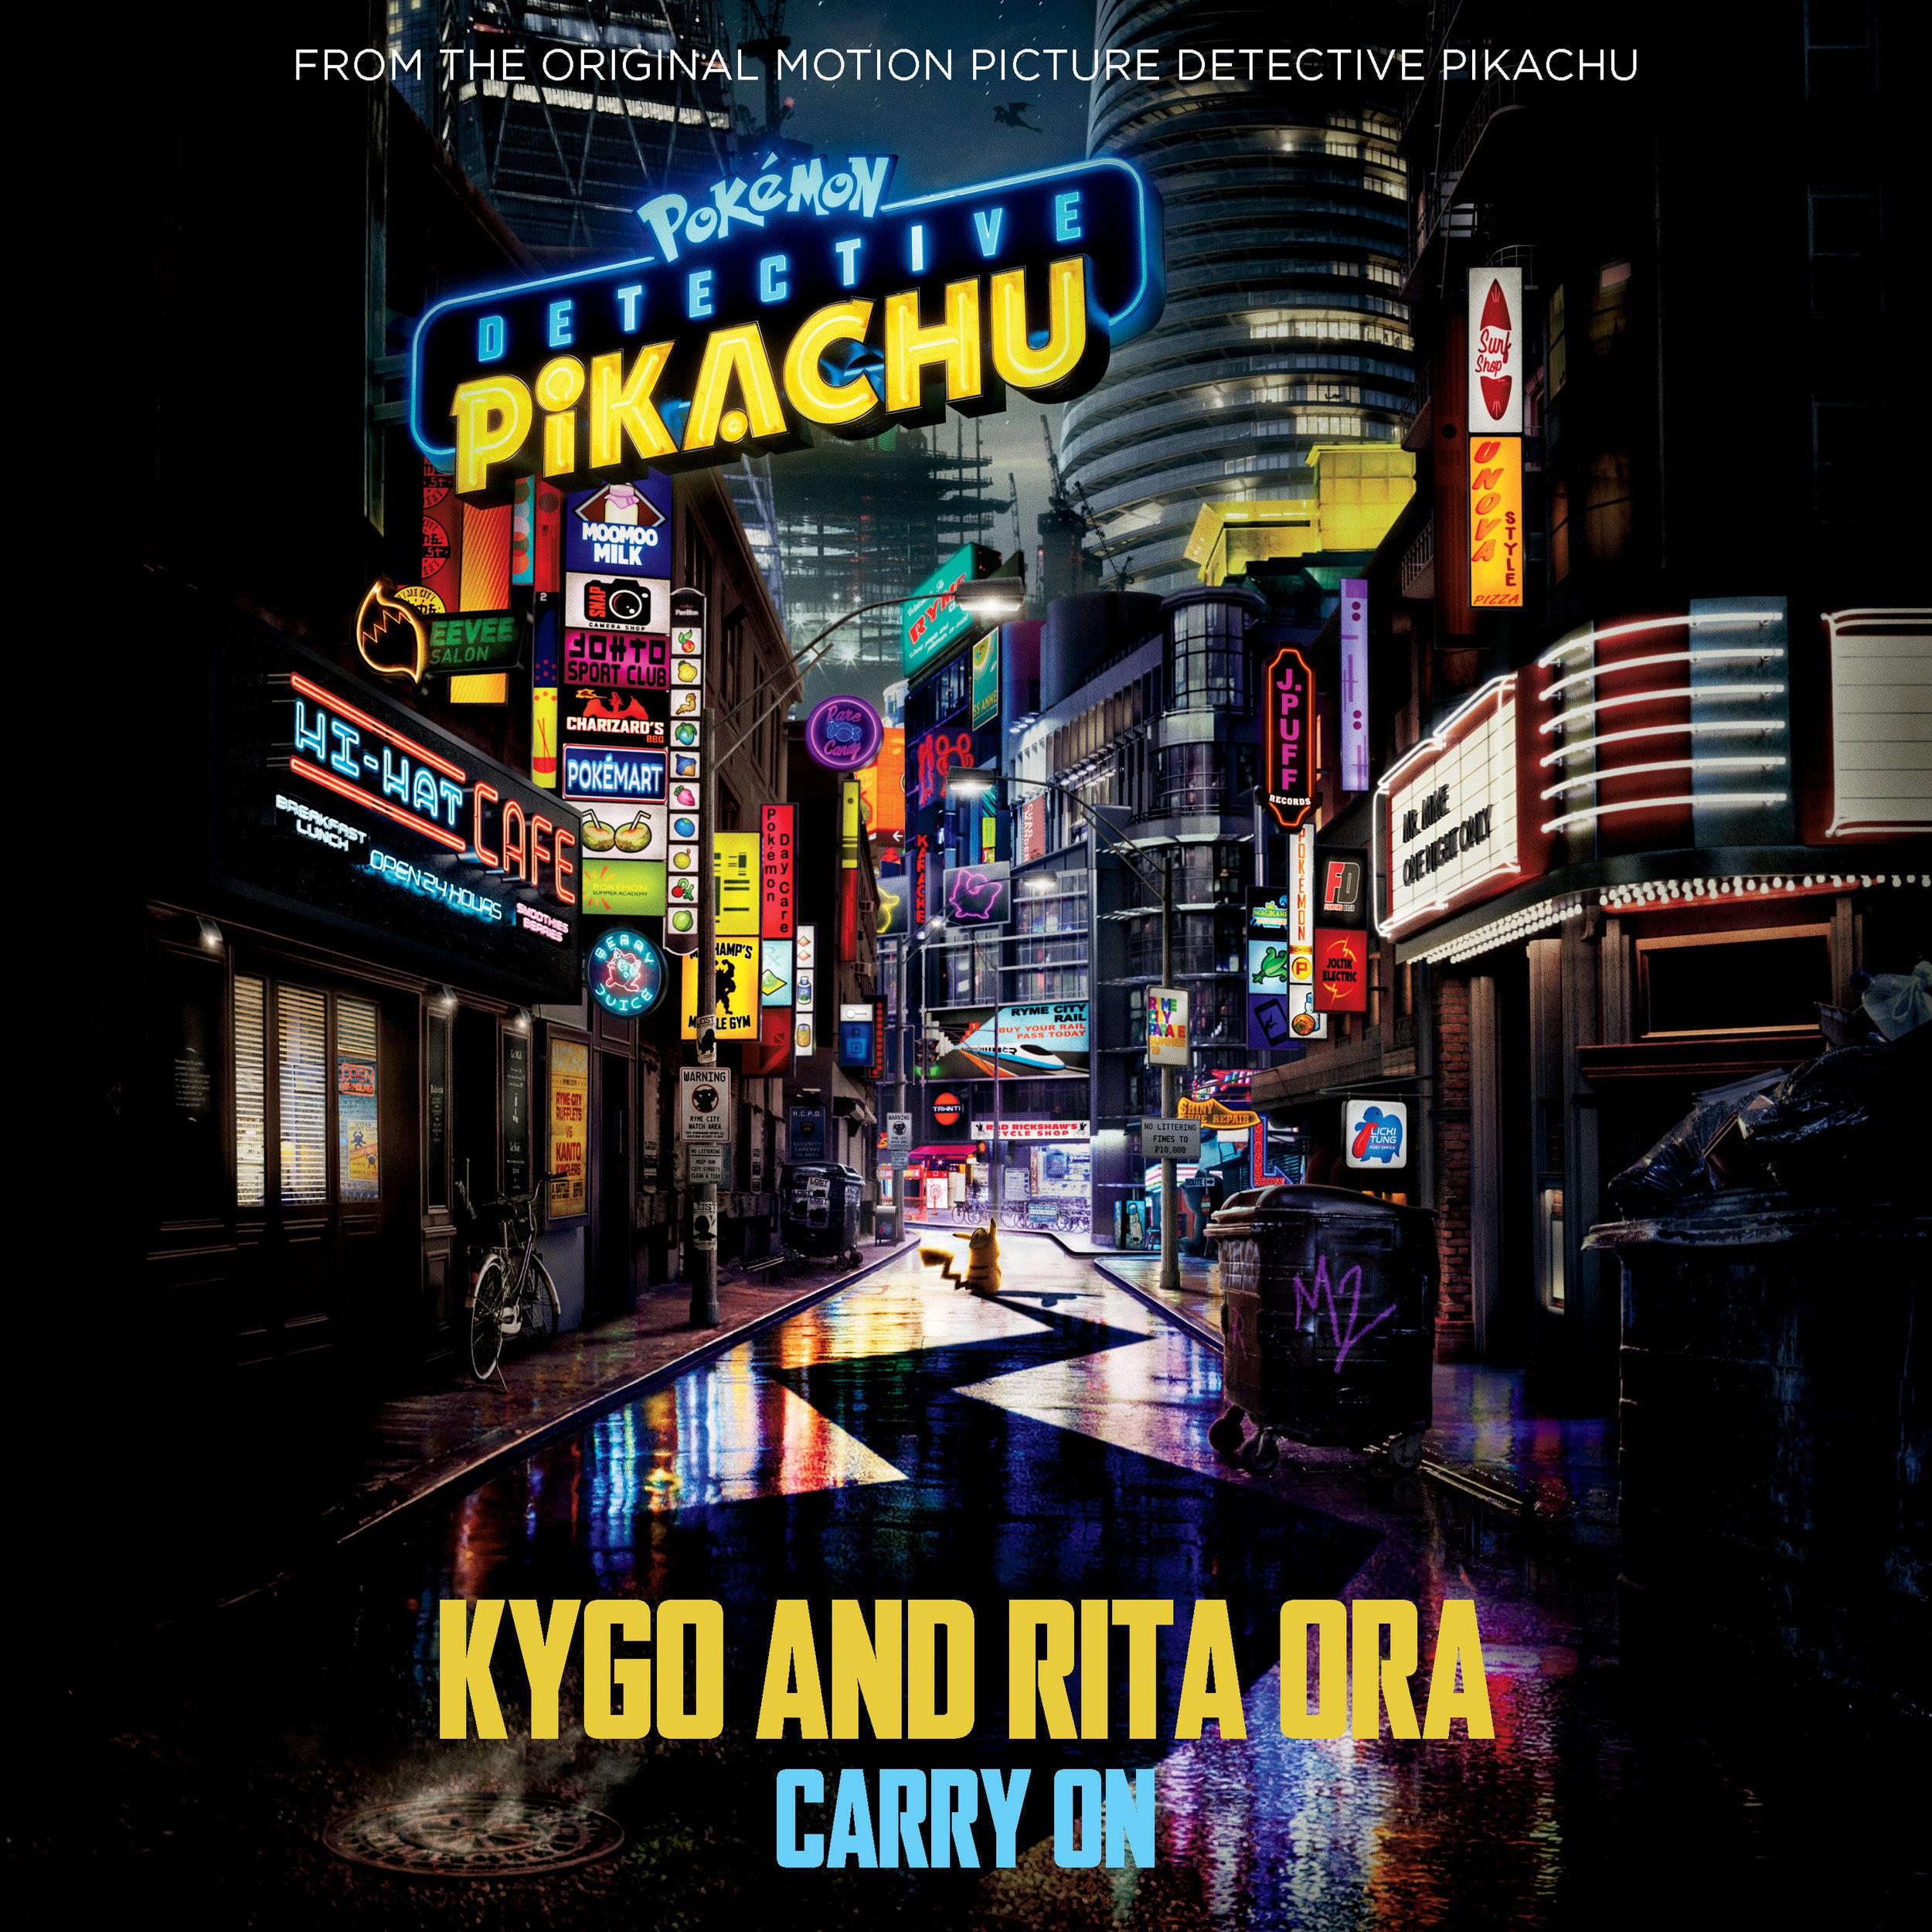 KYGO & RITA ORA - CARRY ON (SINGLE)